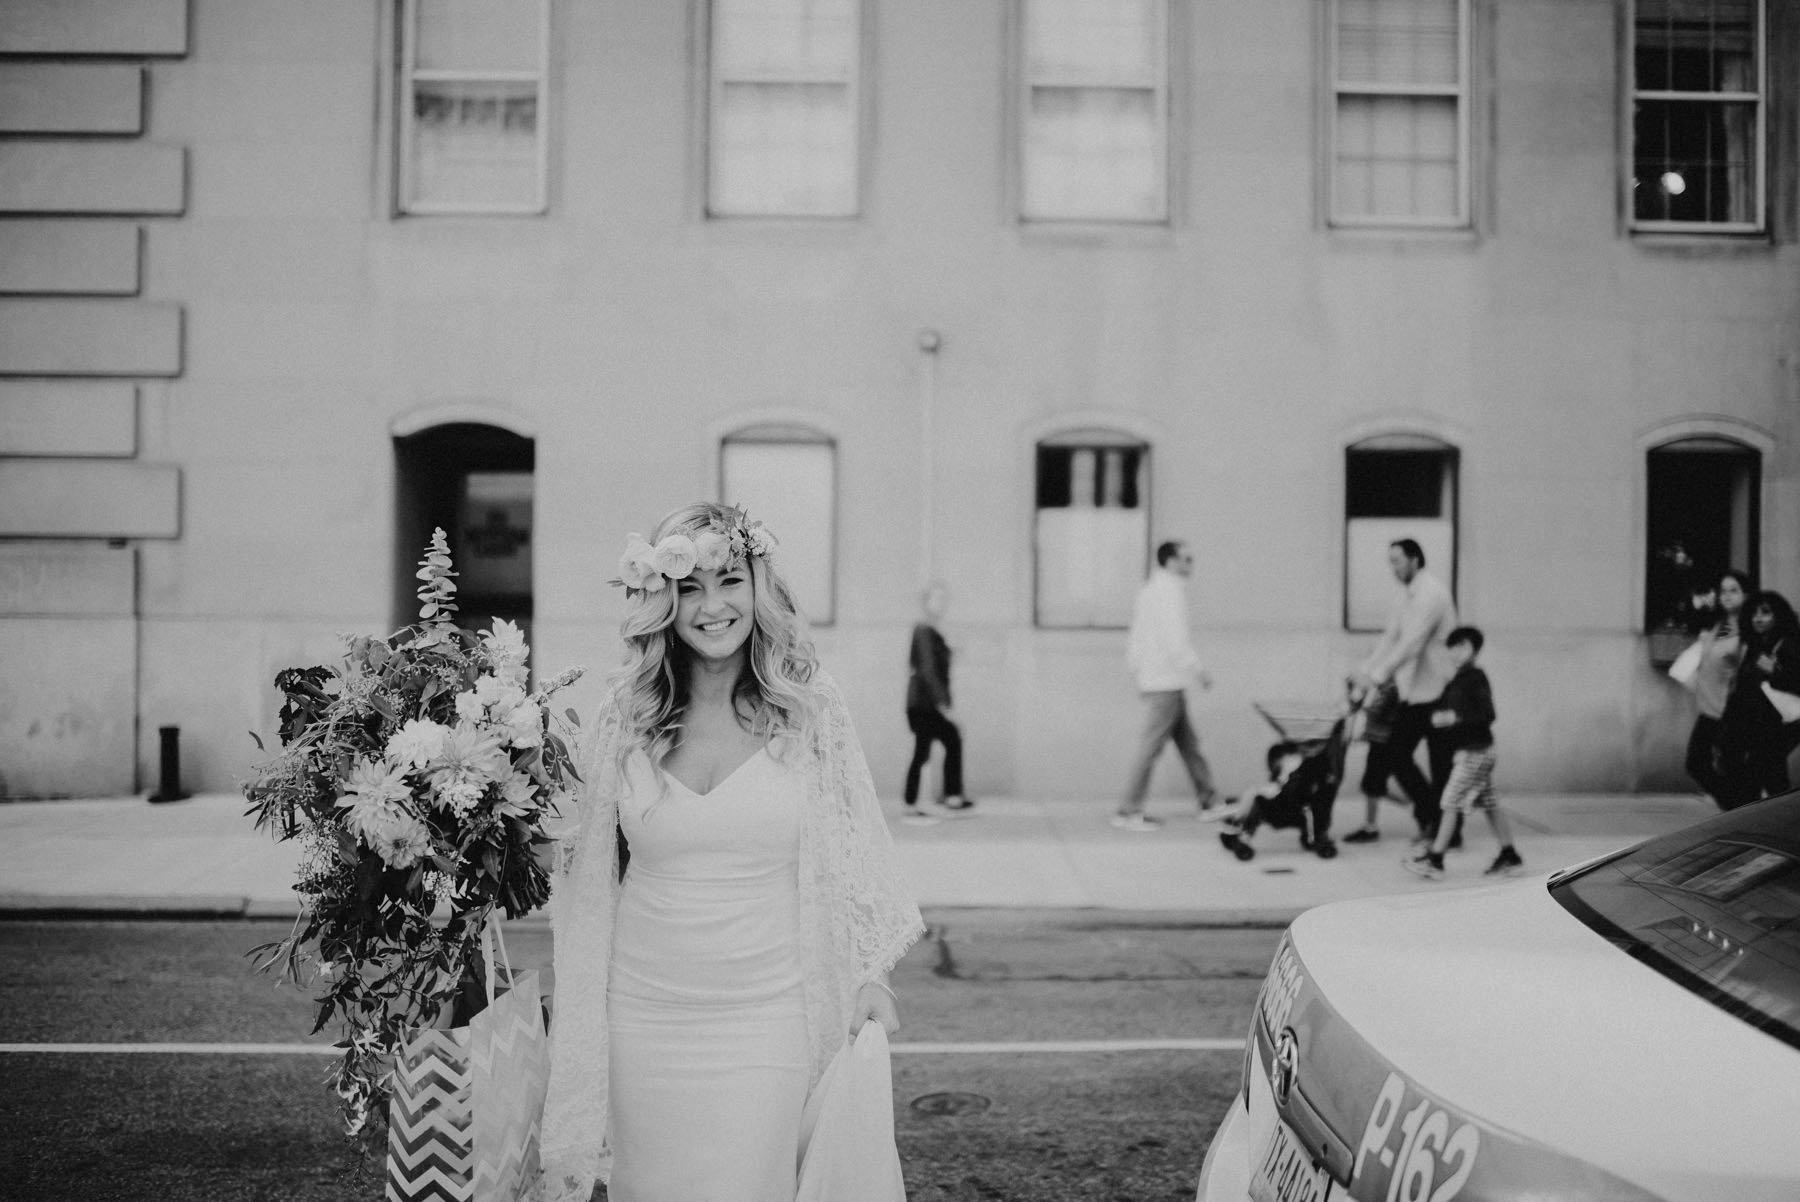 la-cheri-philadelphia-wedding-5.jpg